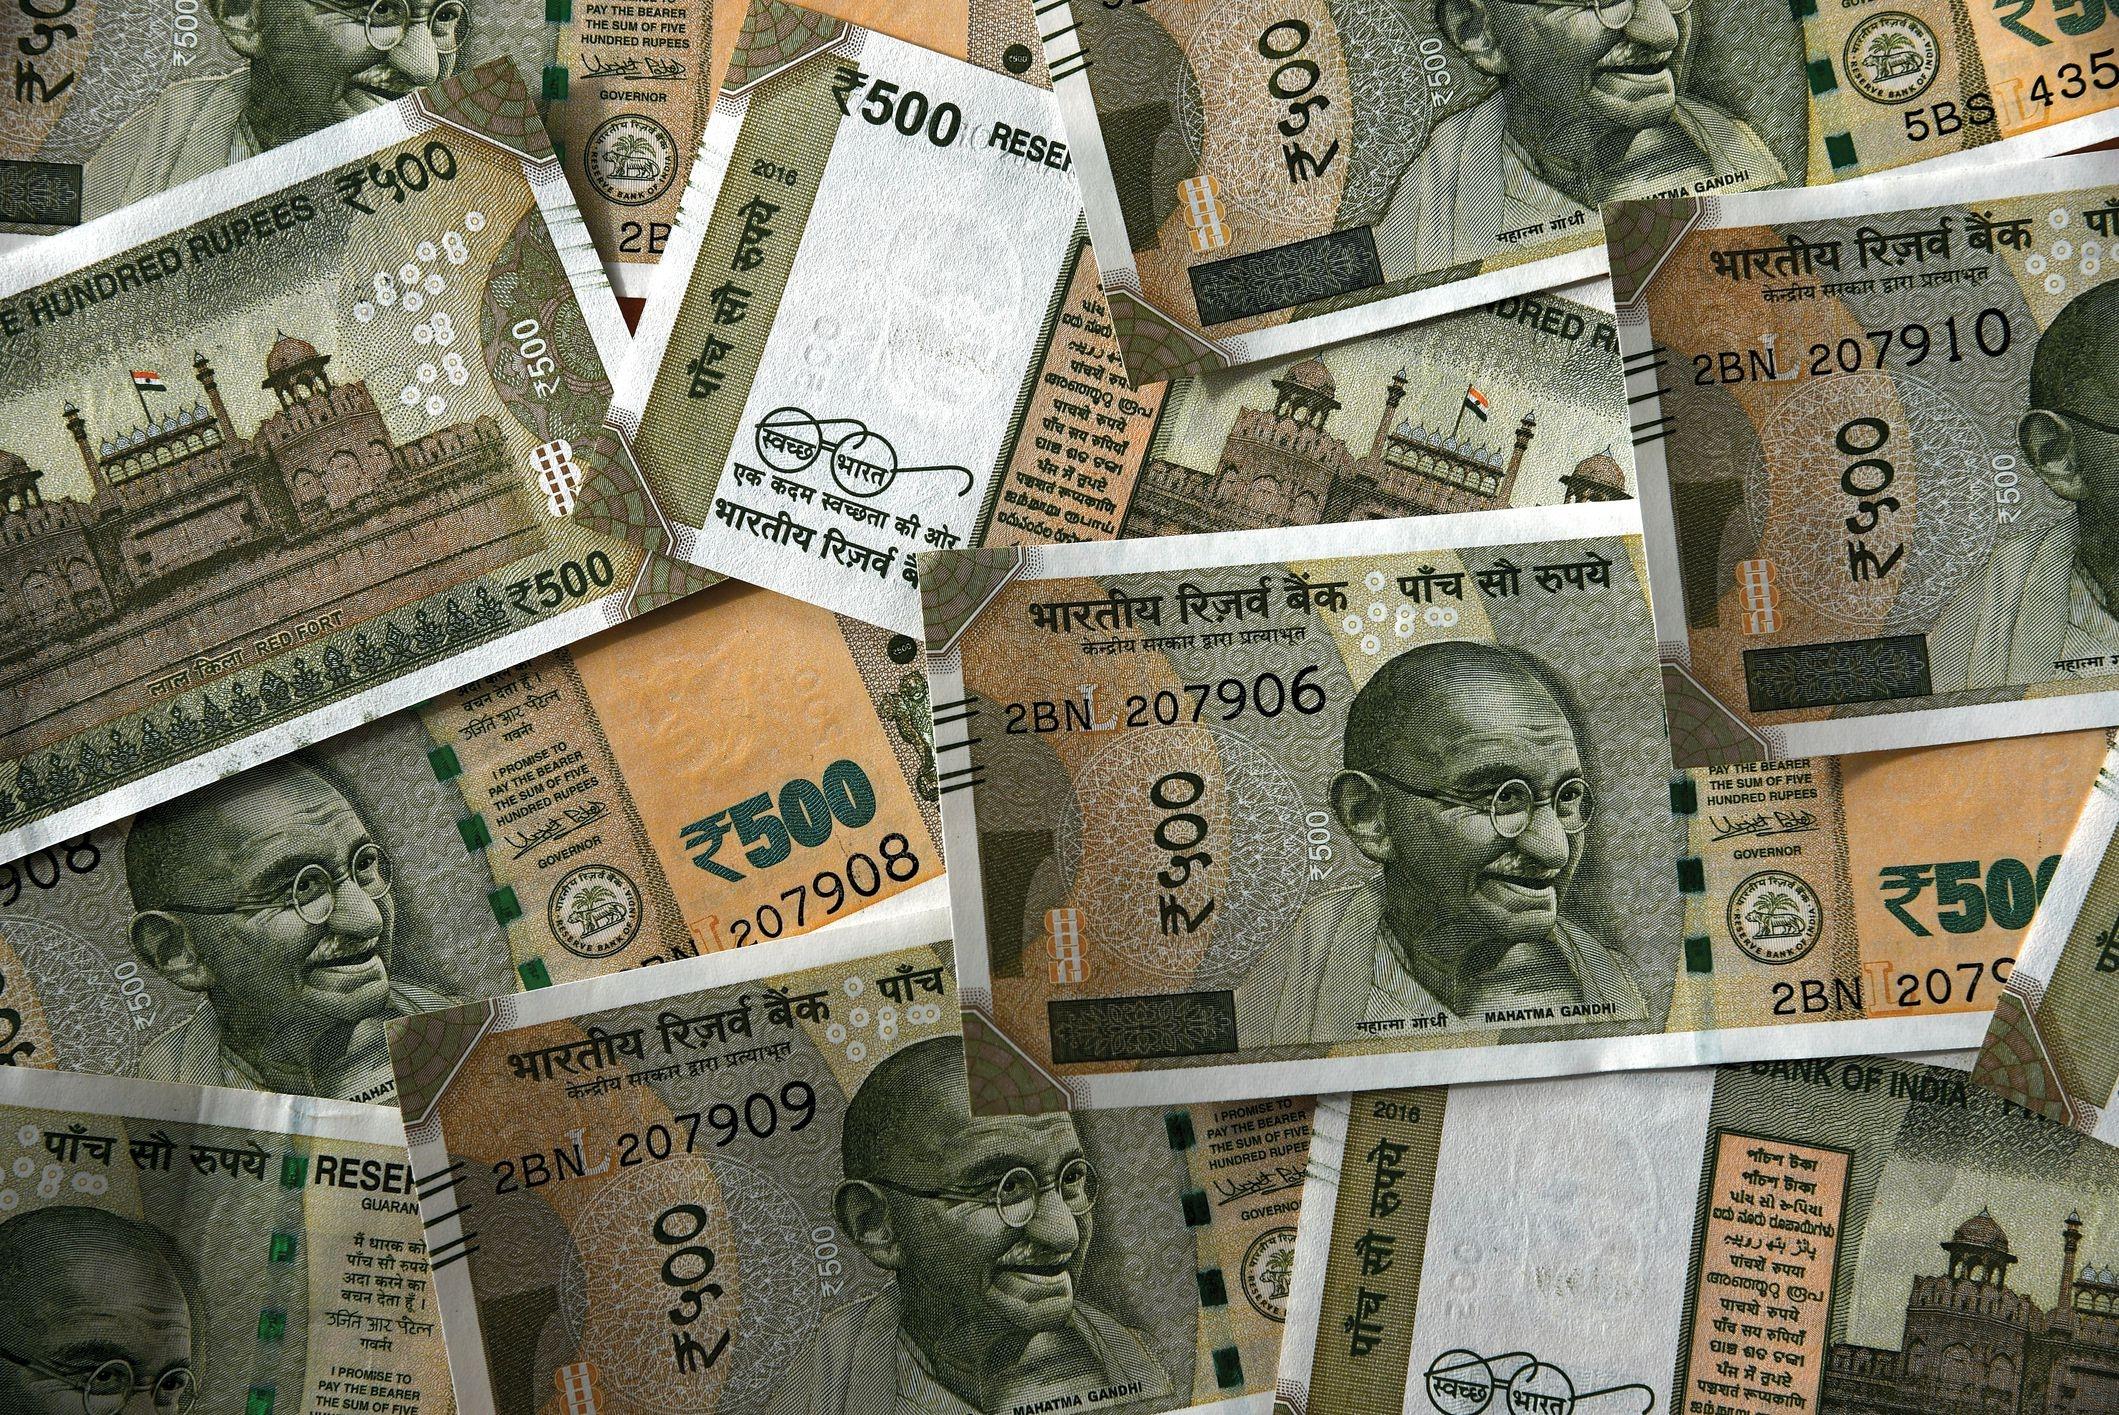 PNB fraud a systemic failure: Venkaiah idu